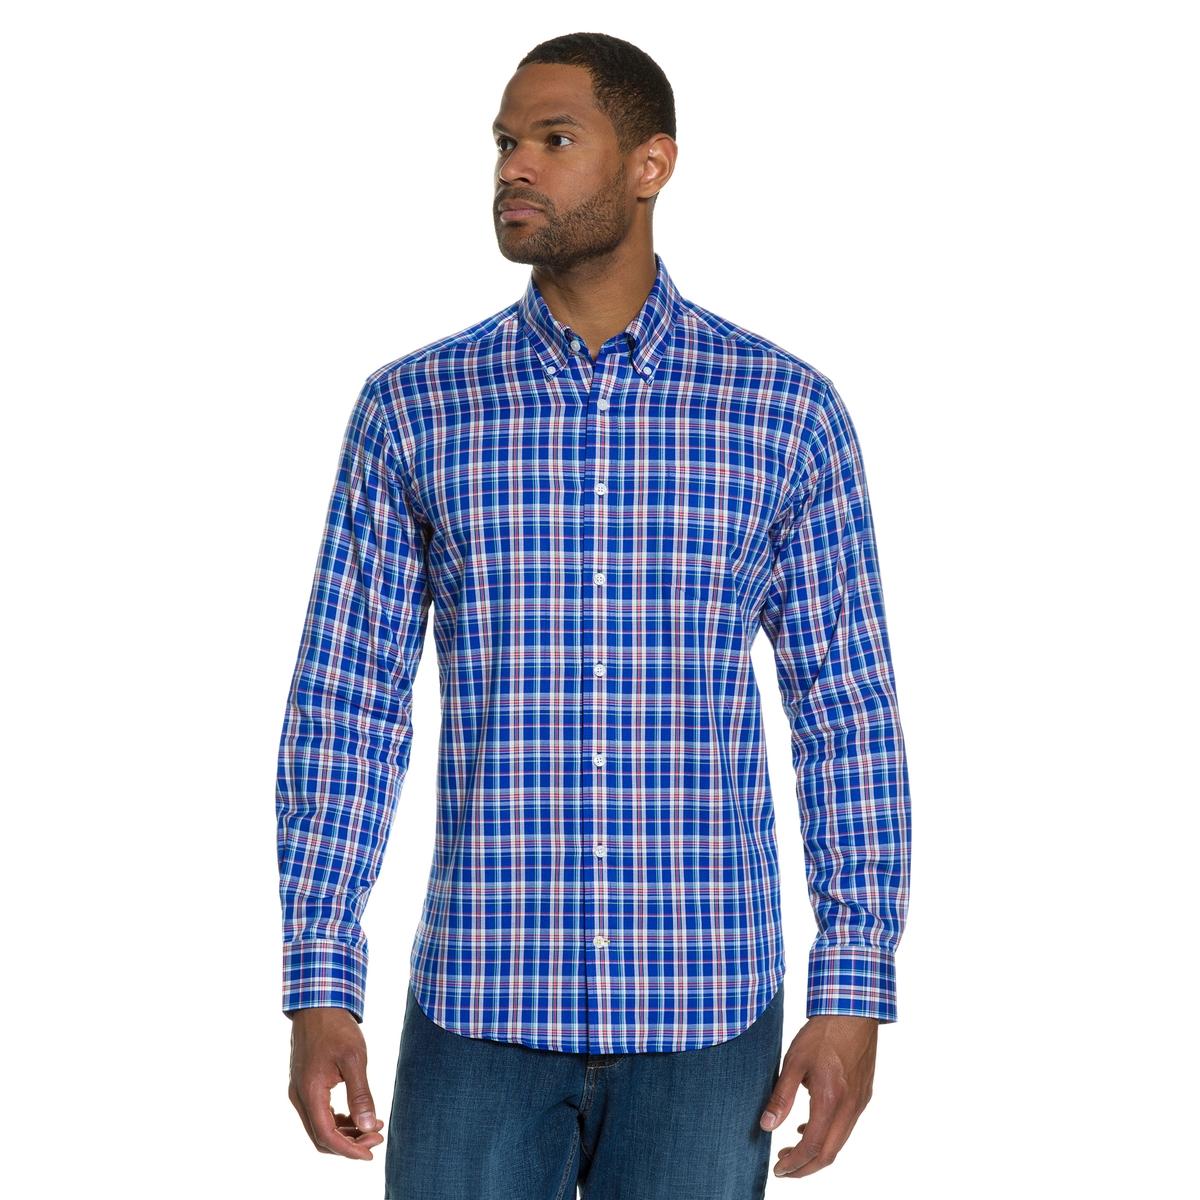 Рубашка с длинными рукавамиРубашка с длинными рукавами. 100% хлопка.. Уголки воротника на пуговицах, нагрудный карман. Облегающий покрой позволяет носить её в сочетании с брюками. Длина в зависимости от размера ок. 82-96 см.<br><br>Цвет: в клетку<br>Размер: 6XL